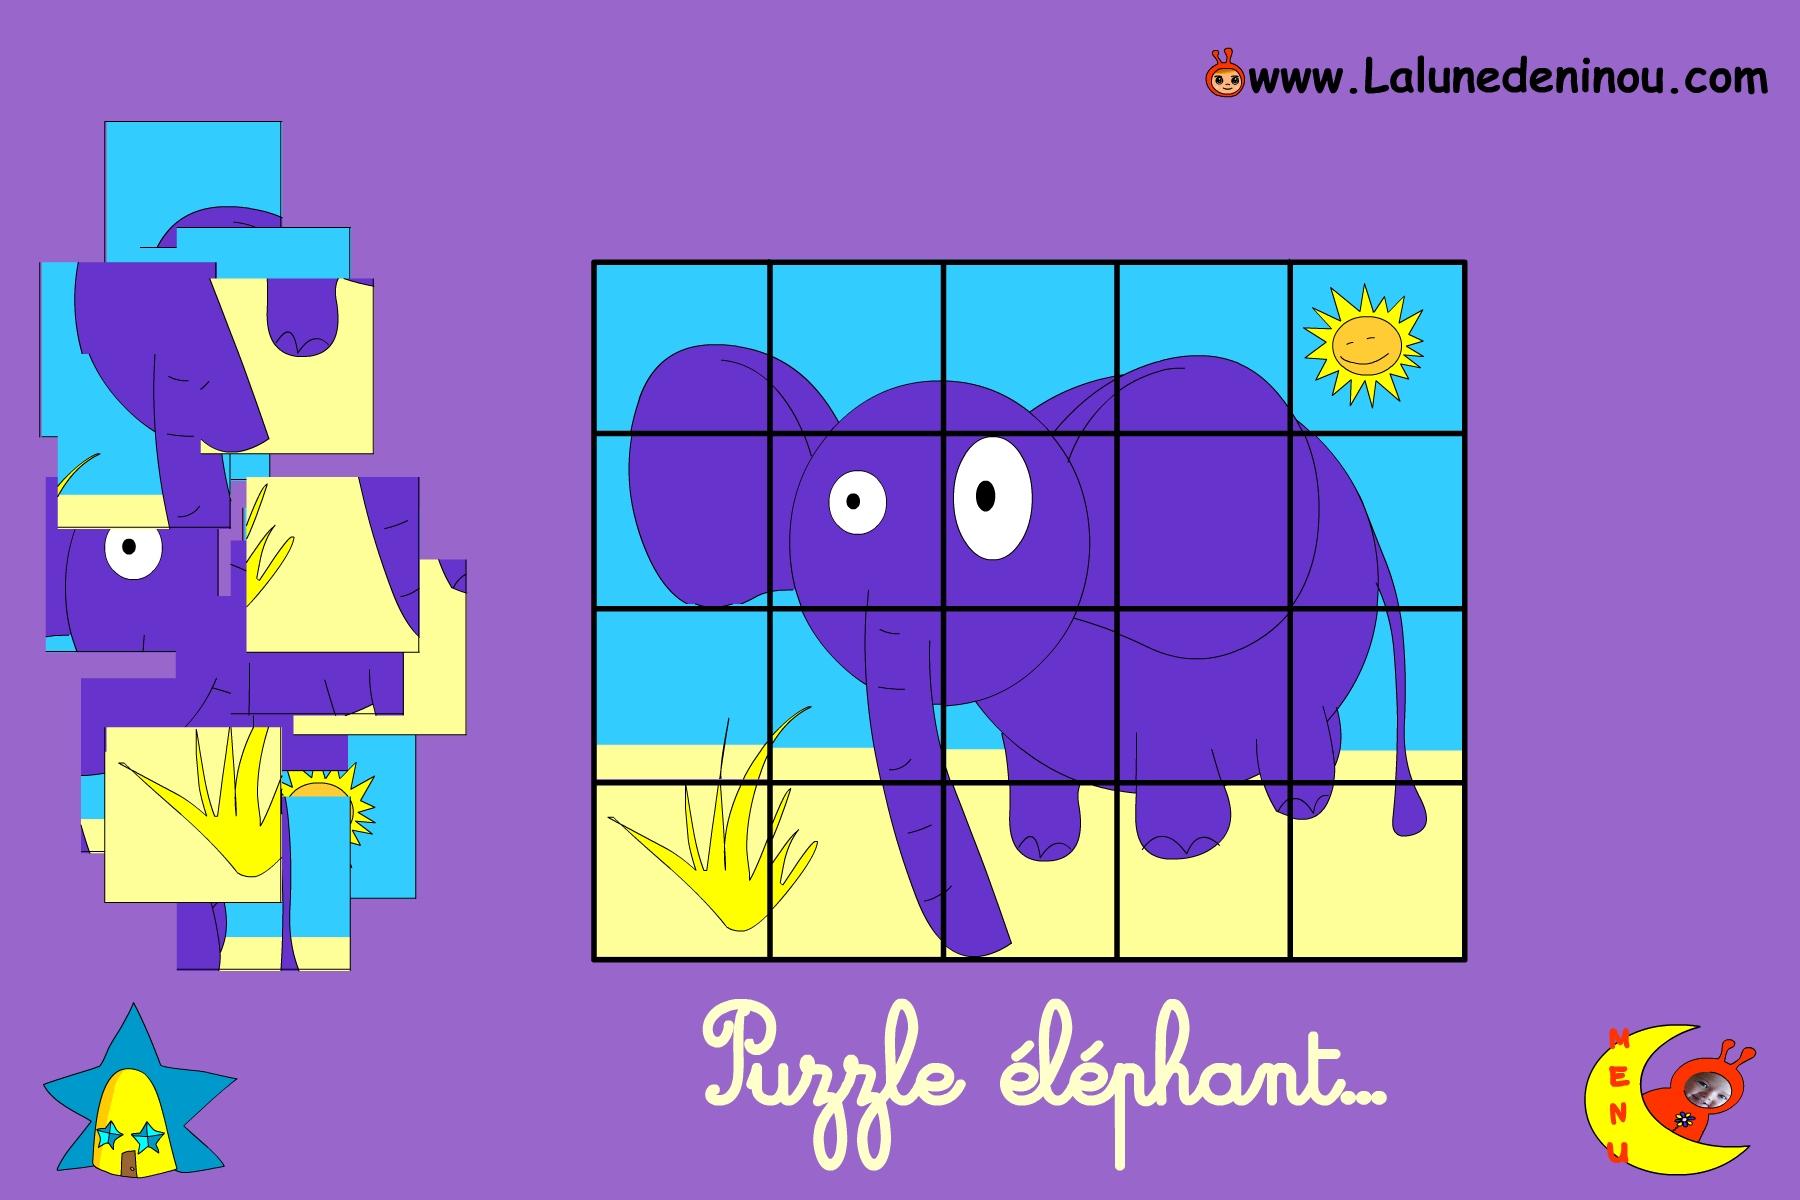 Puzzle En Ligne Pour Enfant De Maternelle - Lalunedeninou encequiconcerne Jeux Educatif Gratuit Maternelle